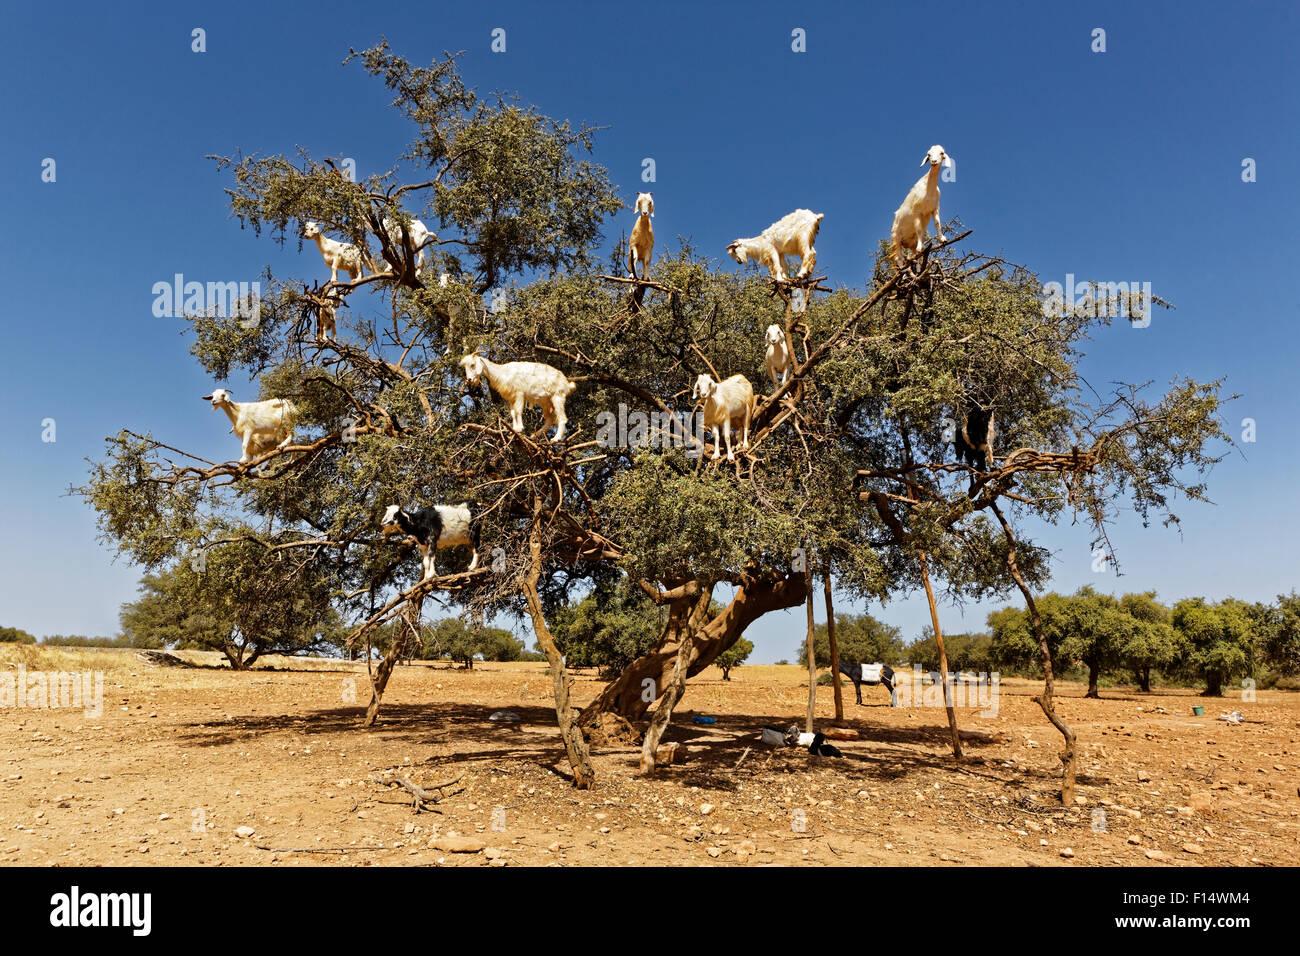 Gli alberi di Argan e le capre sulla strada tra Marrakech e Essaouira in Marocco.L'olio di Argan è prodotta Immagini Stock